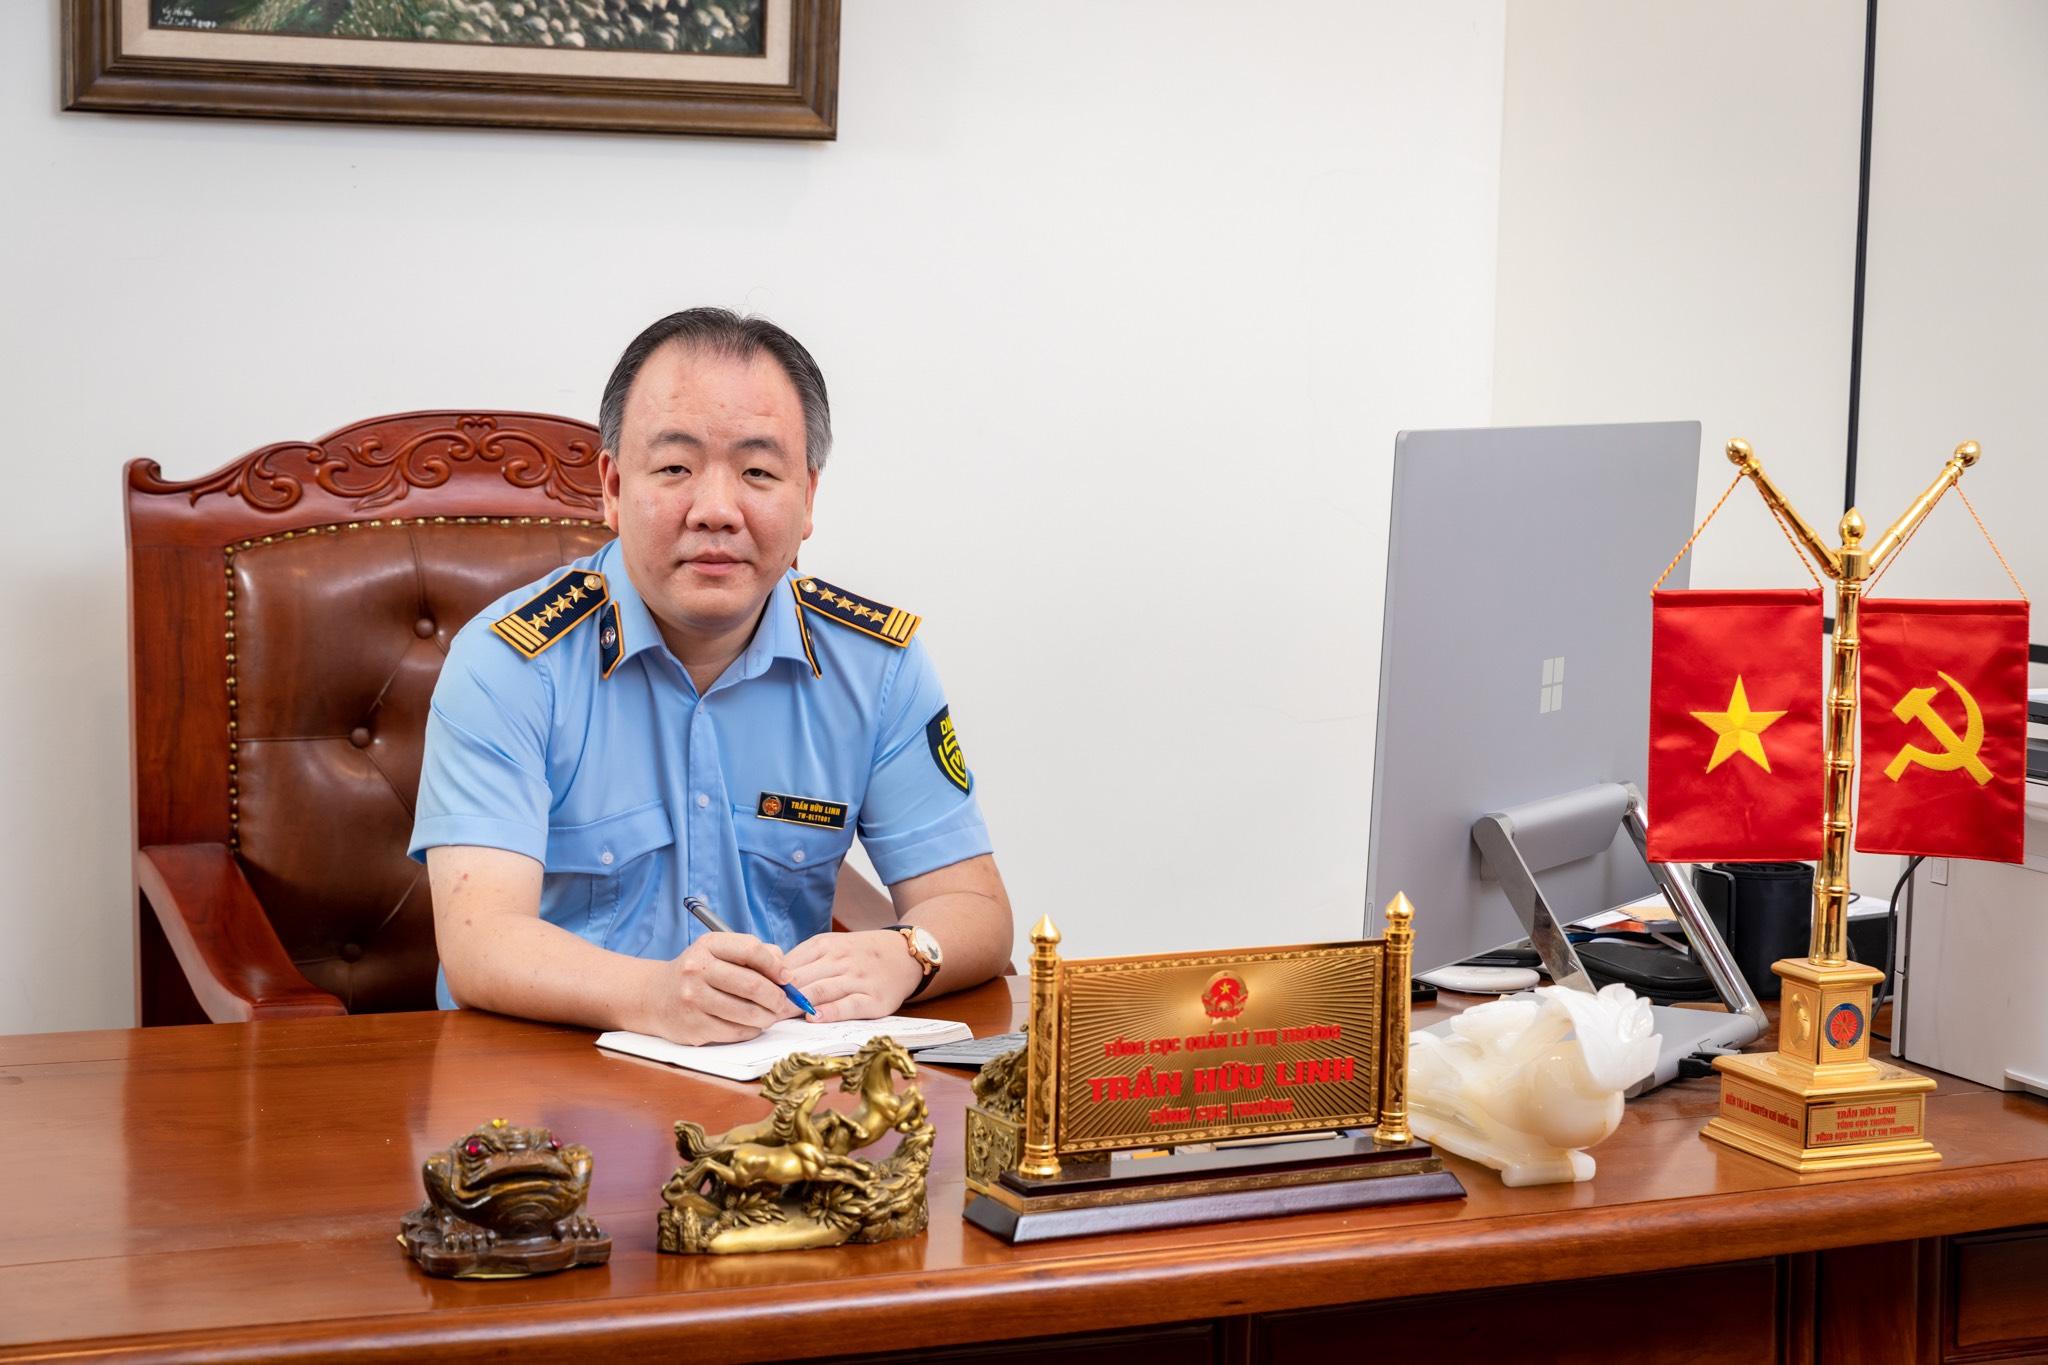 Tổng Cục trưởng Trần Hữu Linh gửi Thư chúc mừng toàn lực lượng nhân dịp 64 năm ngày Truyền thống